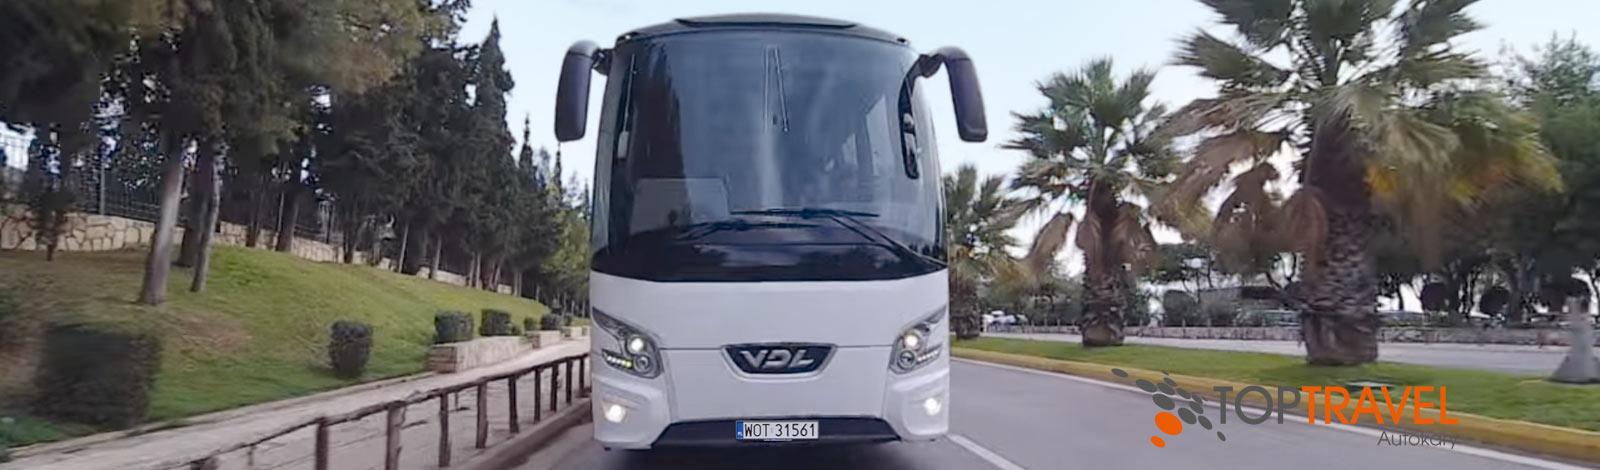 wynajem luksusowych autokarow Warszawa TOP TRAVEL